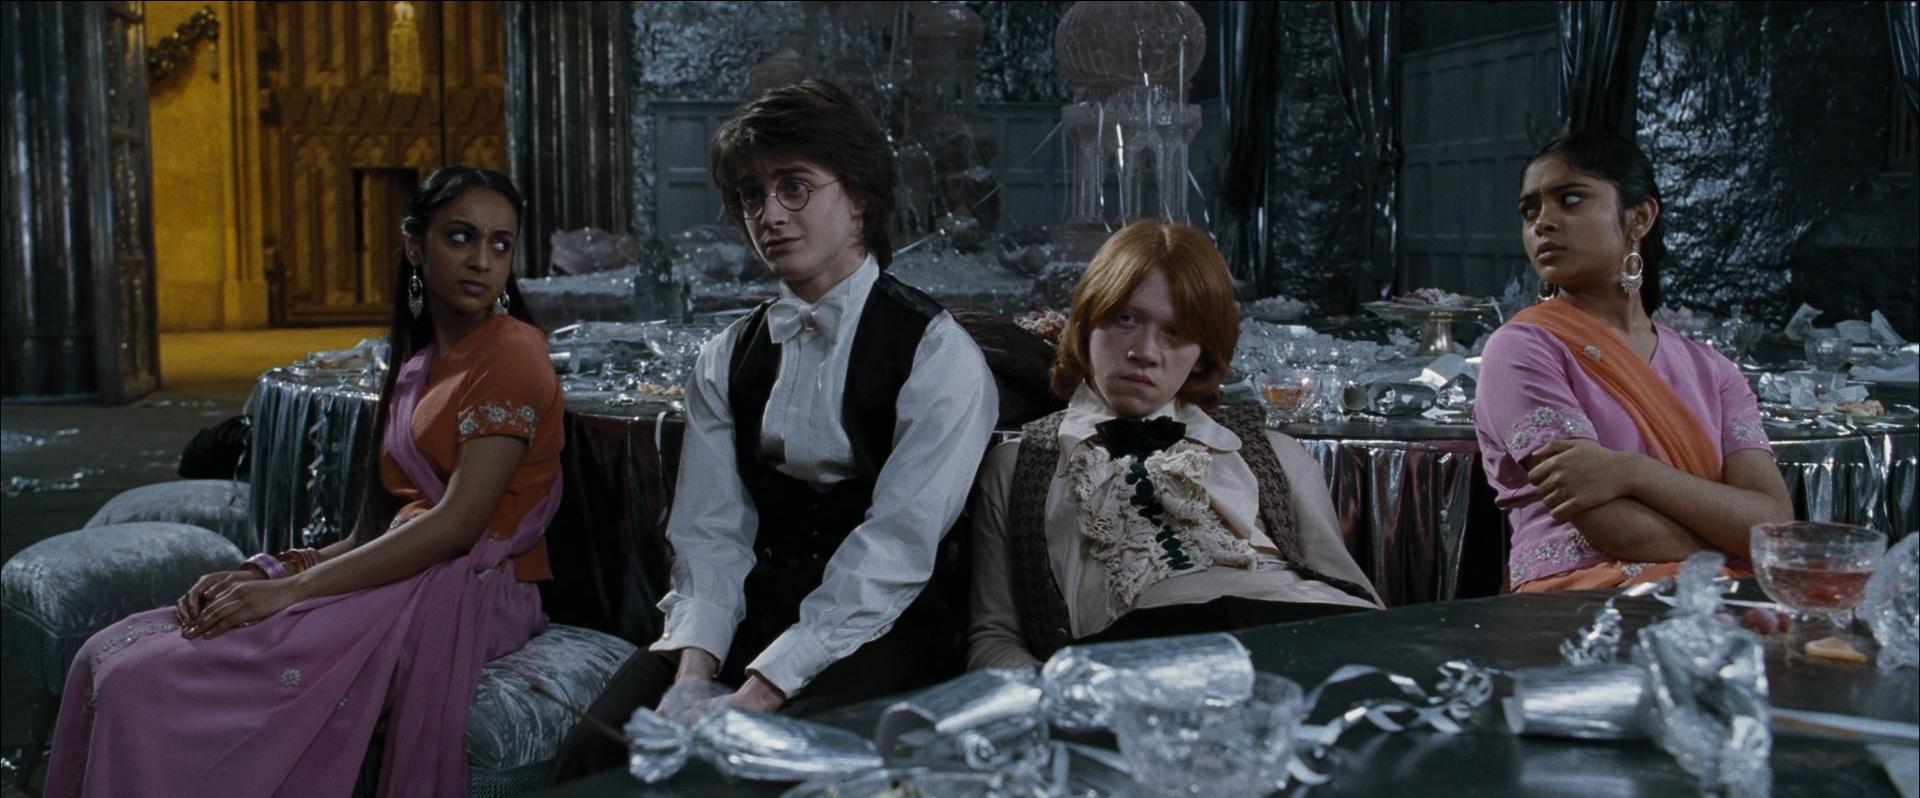 Harry potter et la coupe de feu cin lounge - Harry potter 4 la coupe de feu streaming ...